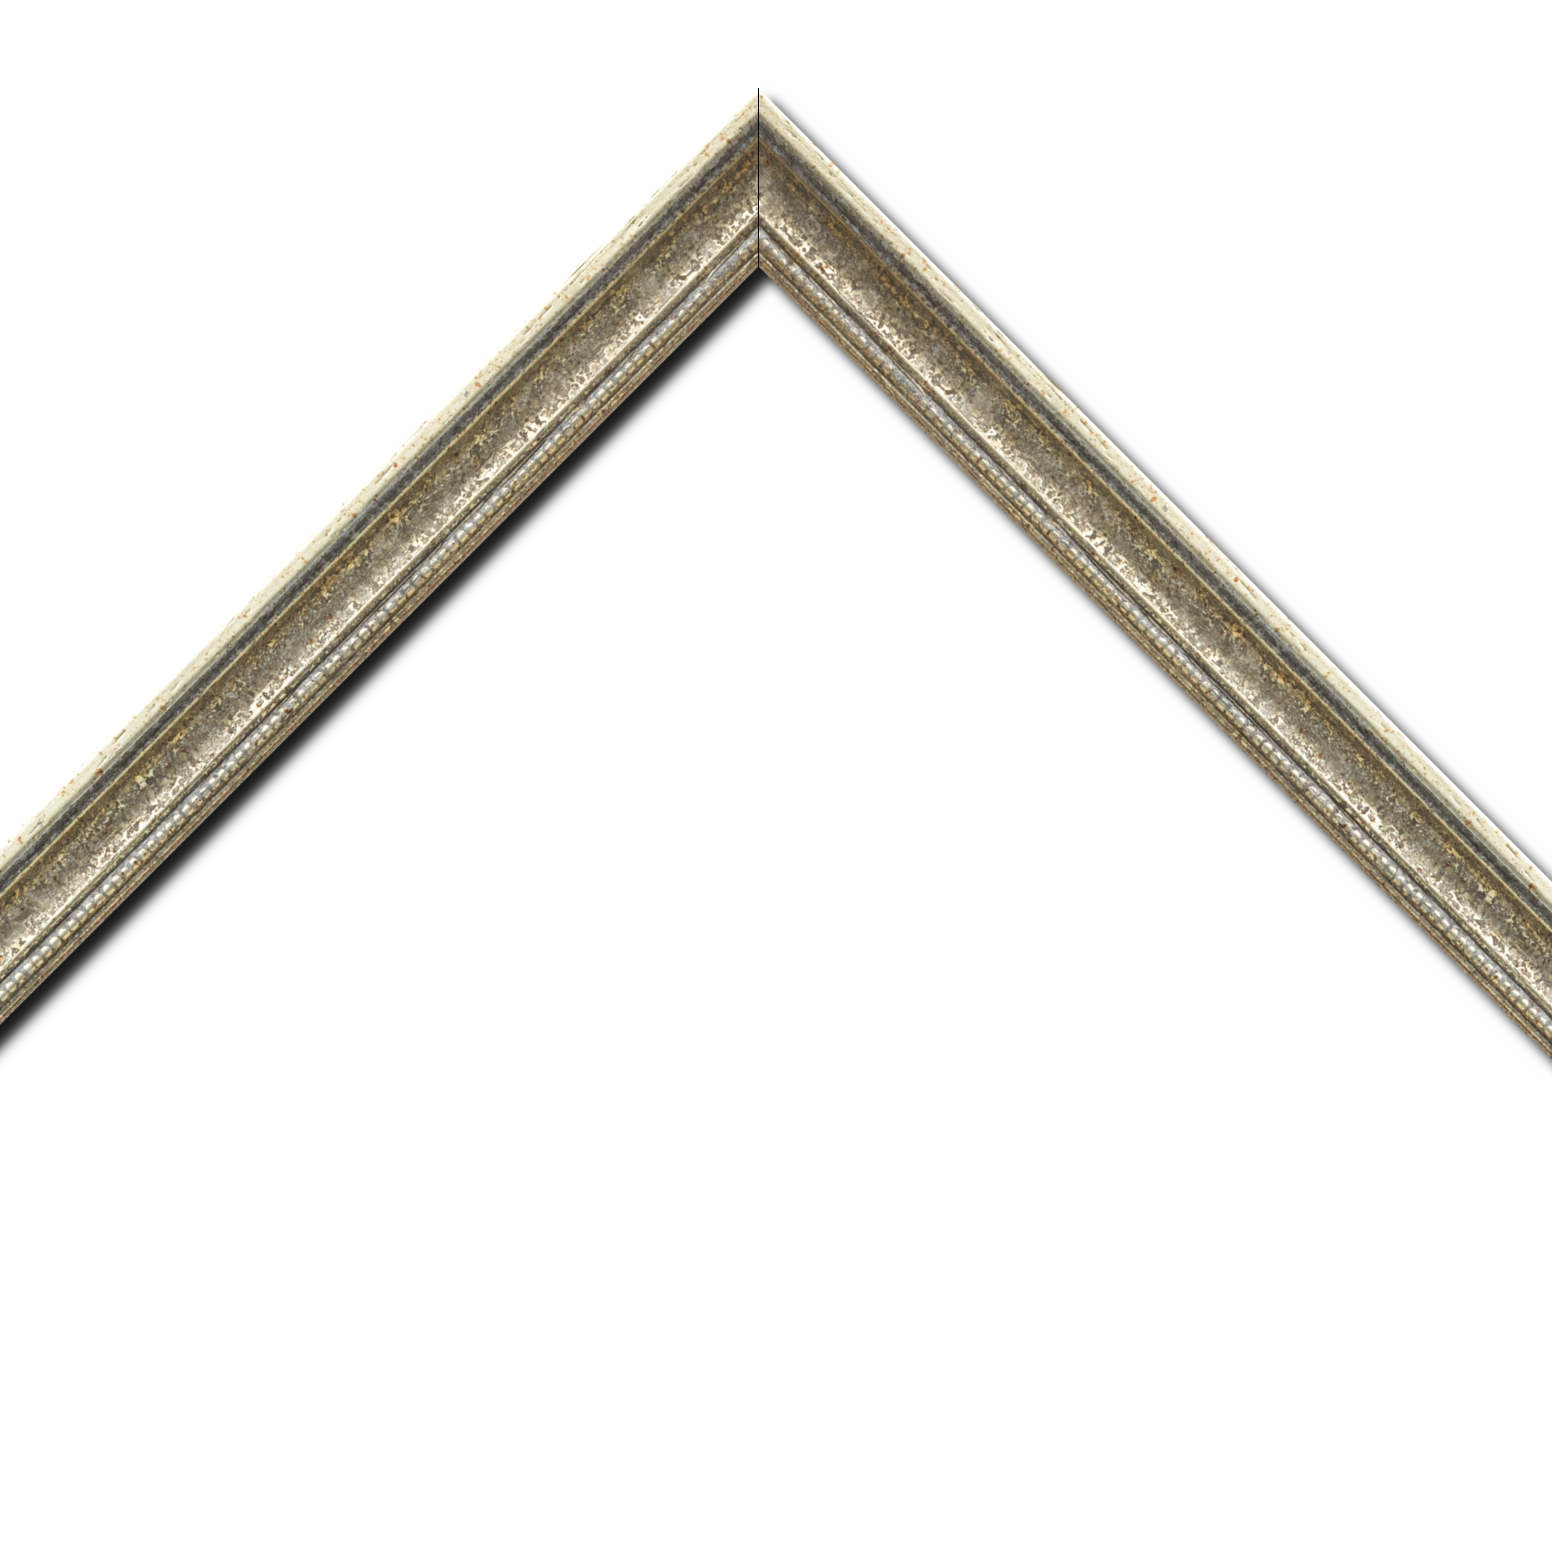 Baguette bois profil incuvé largeur 2.4cm  argent antique gorge argent filet perle or